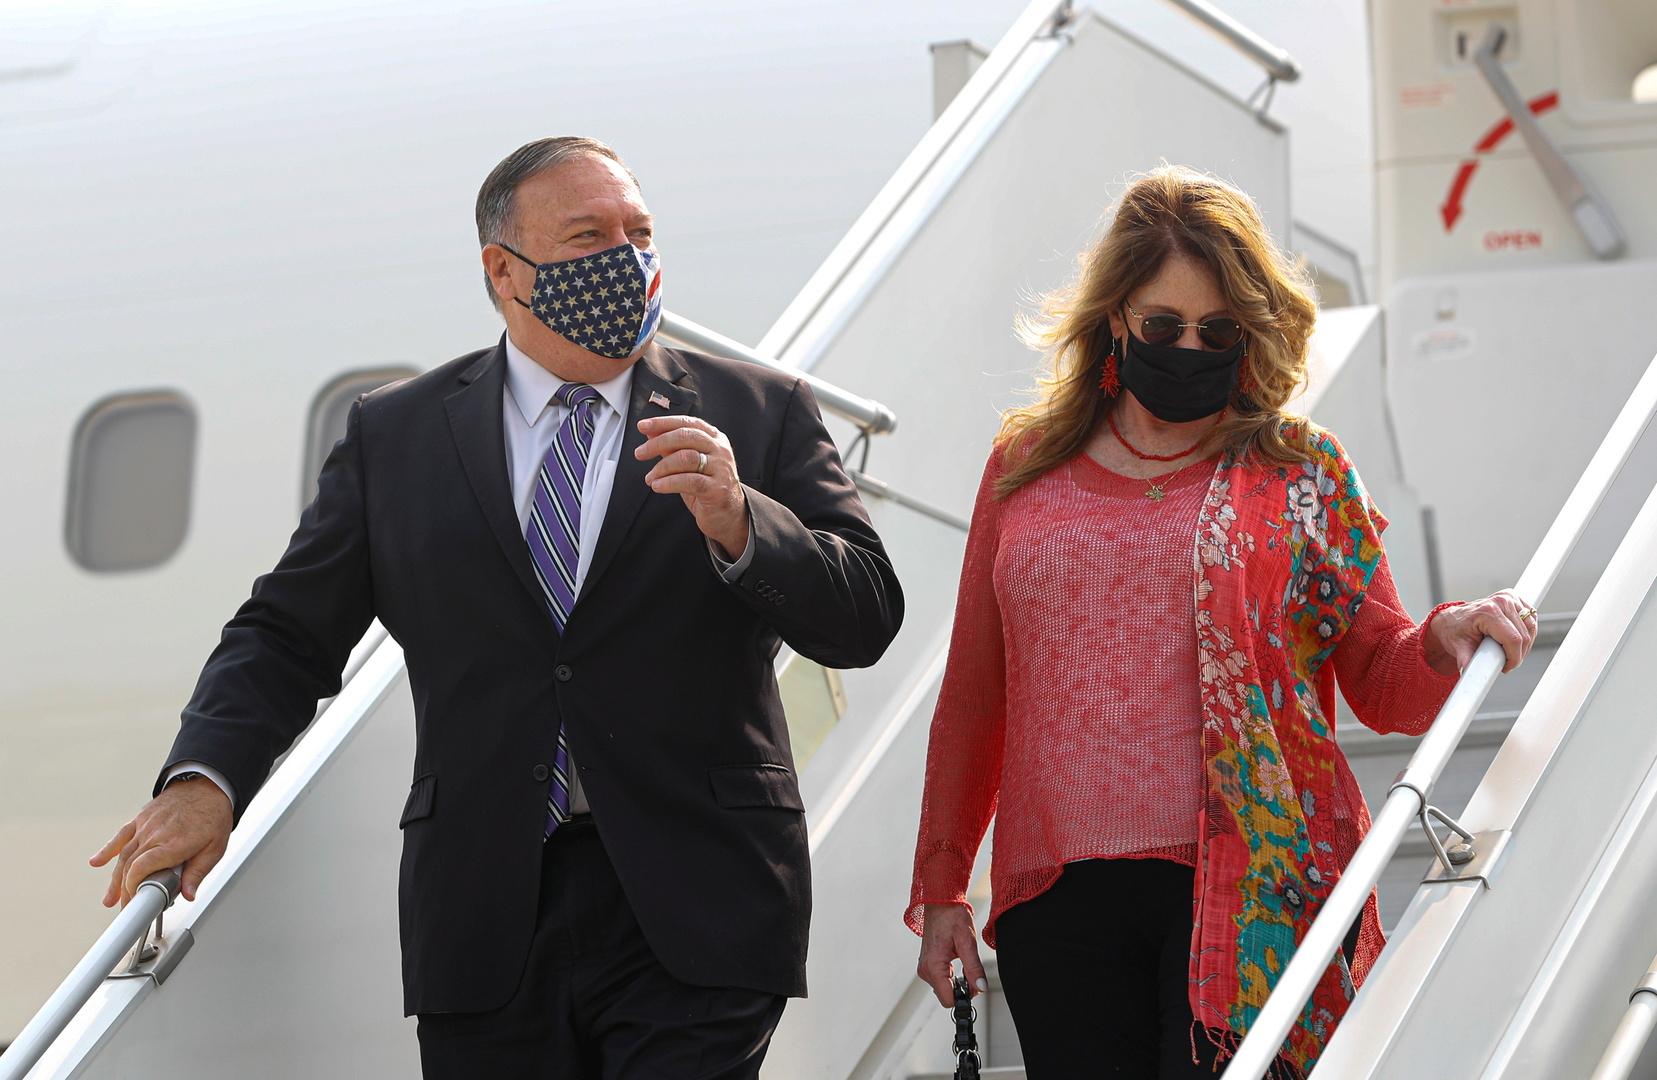 صحيفة: بومبيو وزوجته كلفا موظفي الخارجية بتنفيذ مطالب شخصية أكثر من 100 مرة